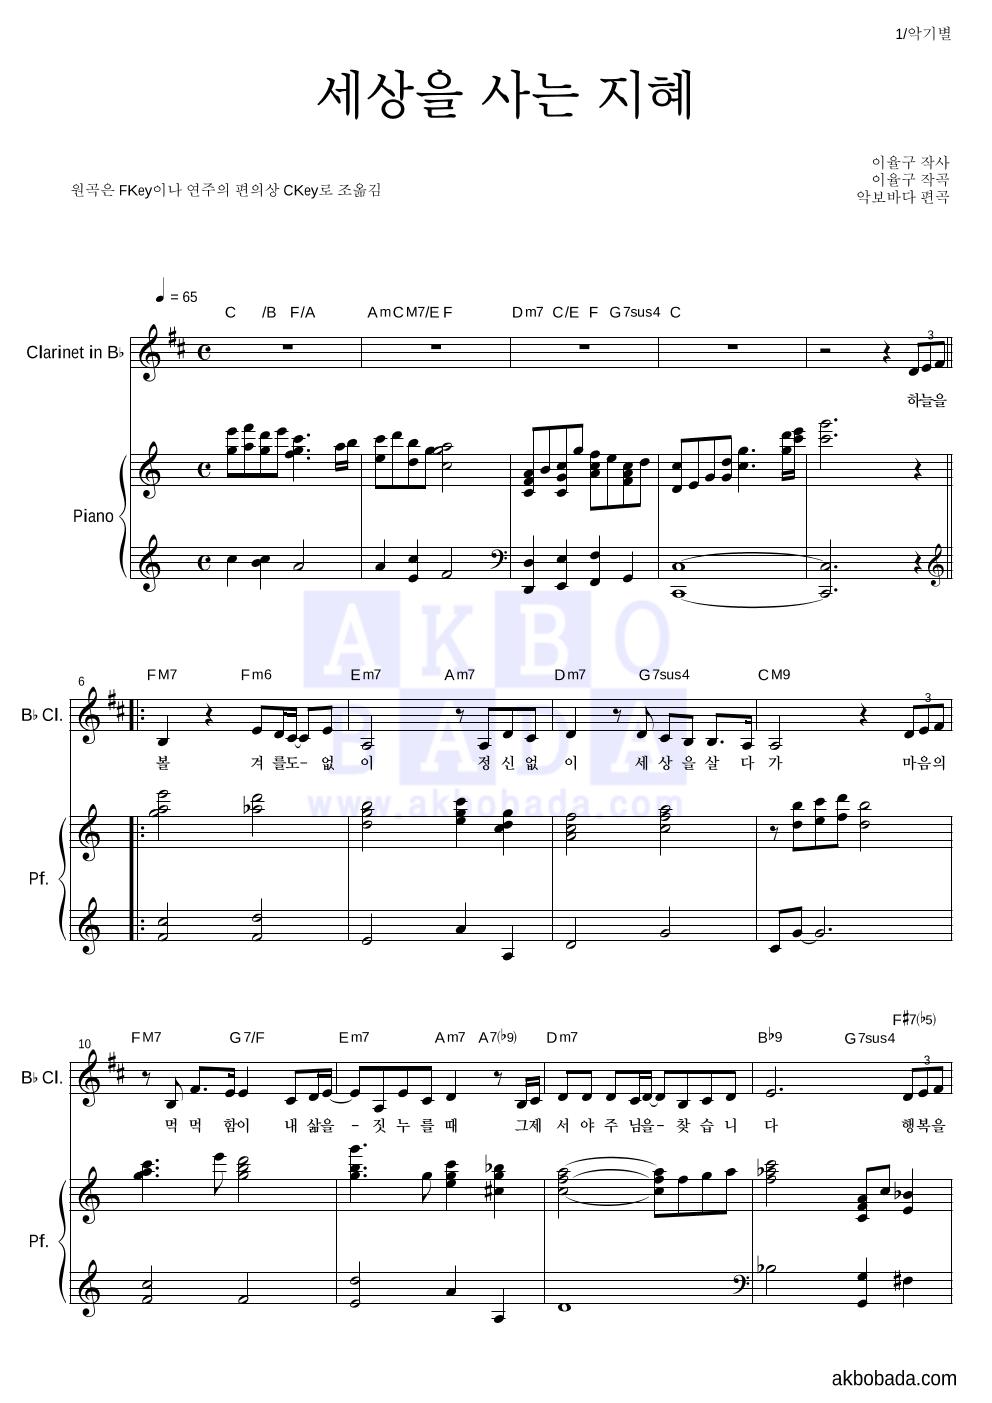 이율구 - 세상을 사는 지혜 클라리넷&피아노 악보